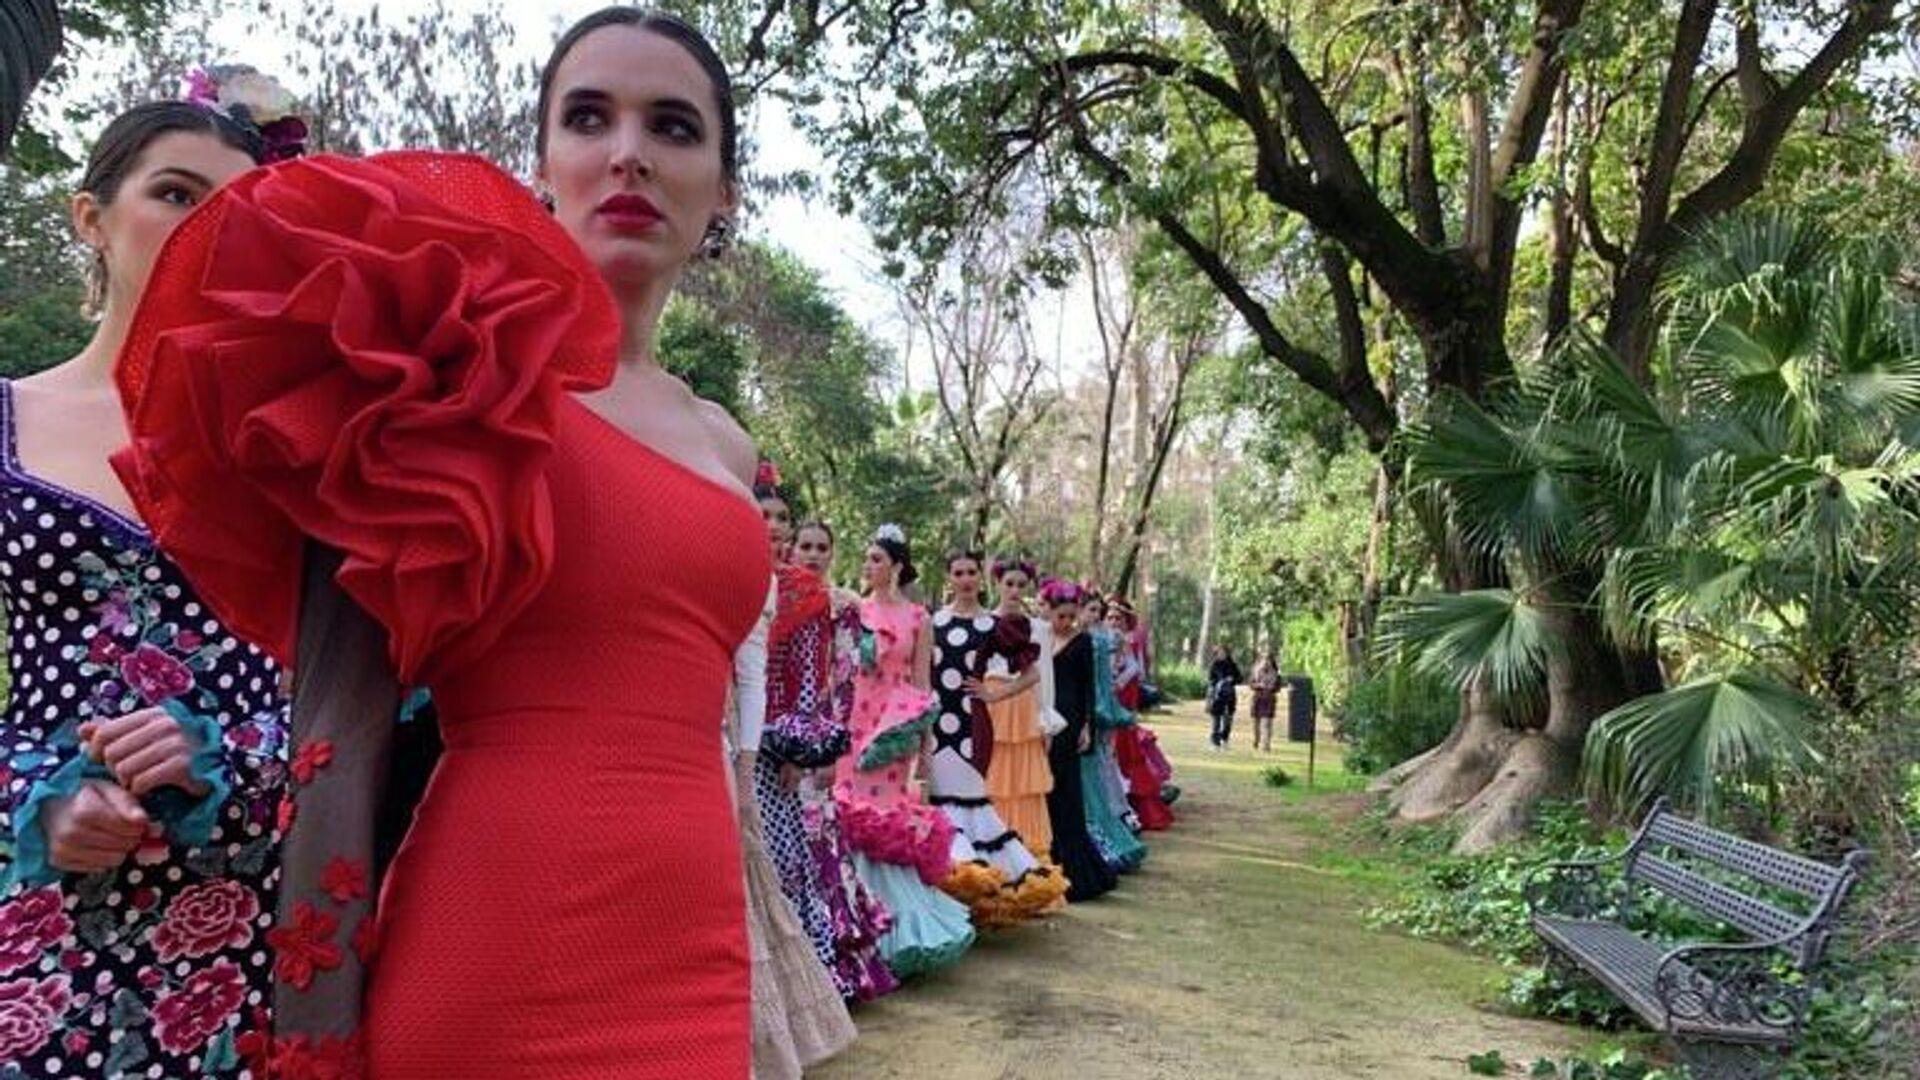 Presentación Sevilla Flamenca  - Sputnik Mundo, 1920, 20.09.2021